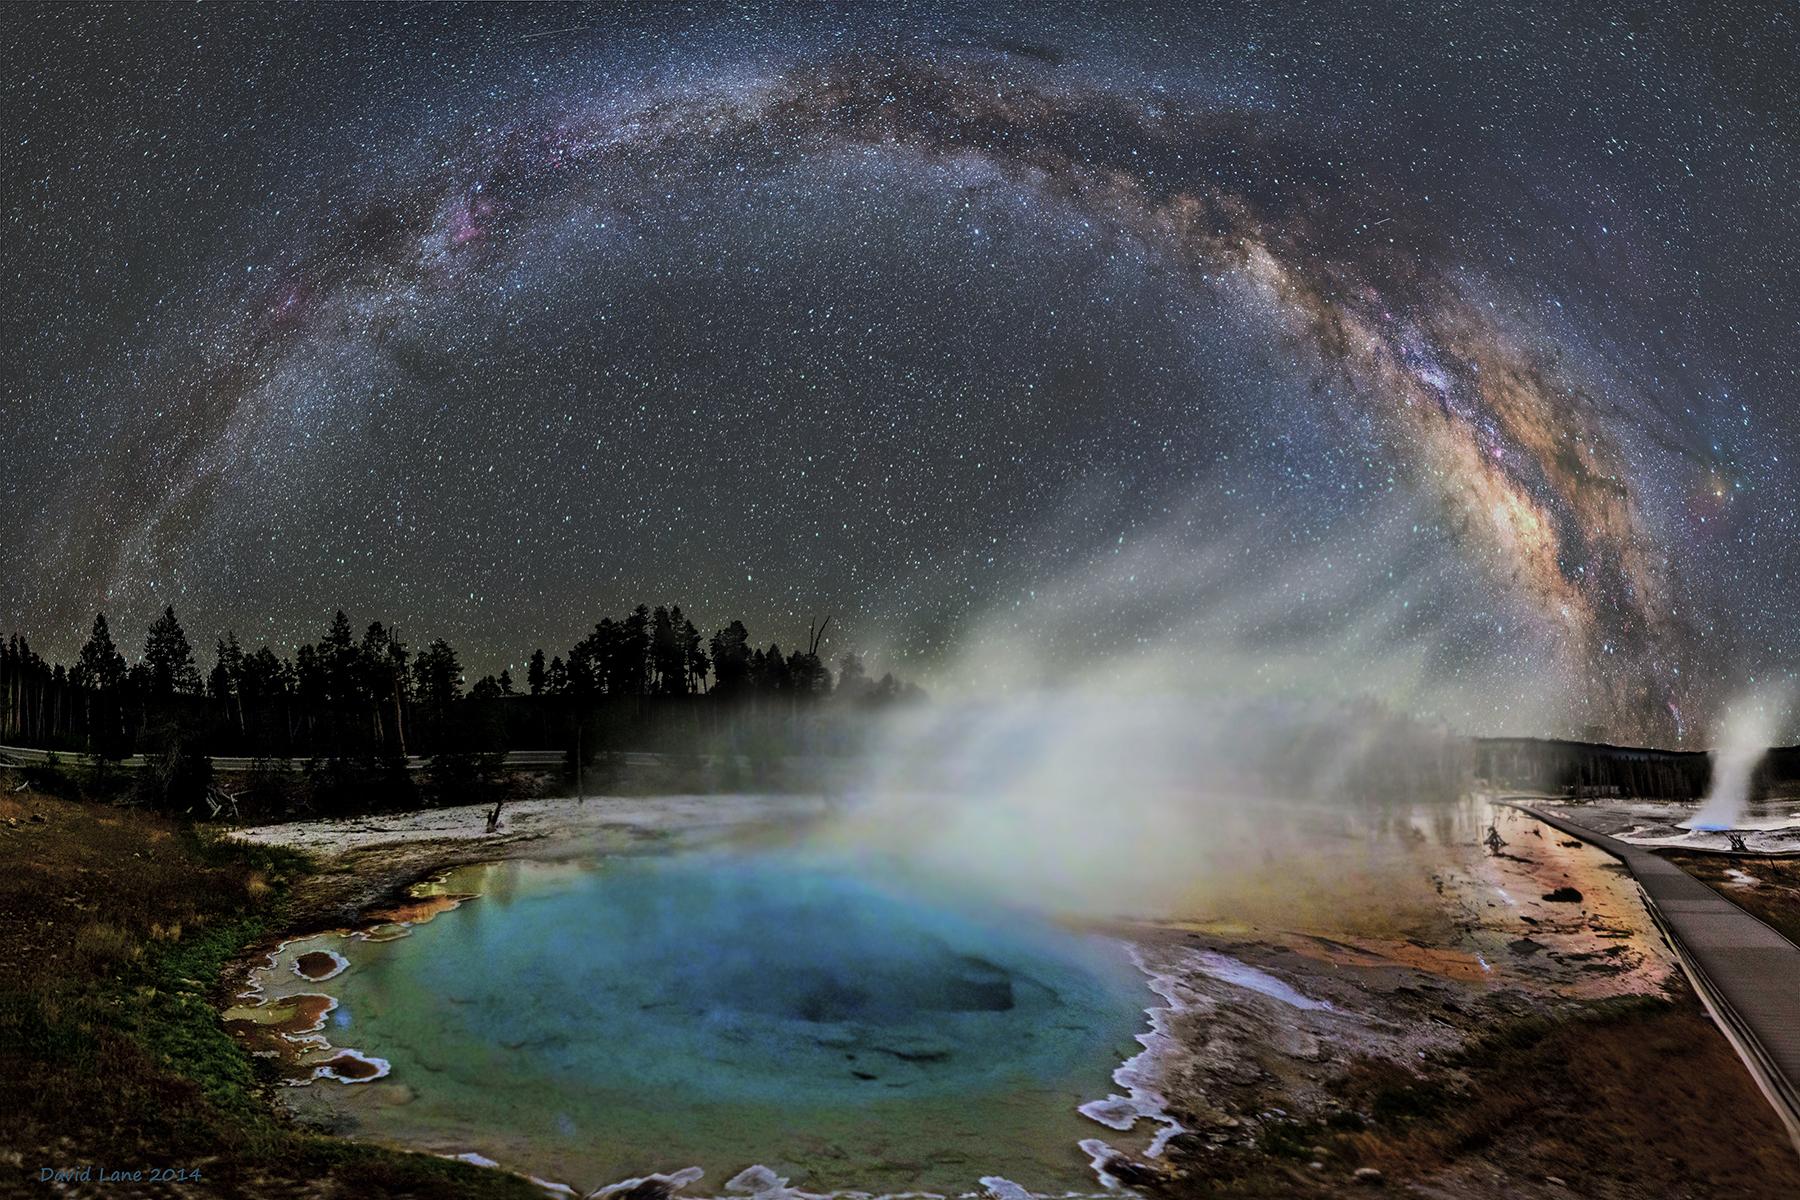 La Voie lactée sur Yellowstone